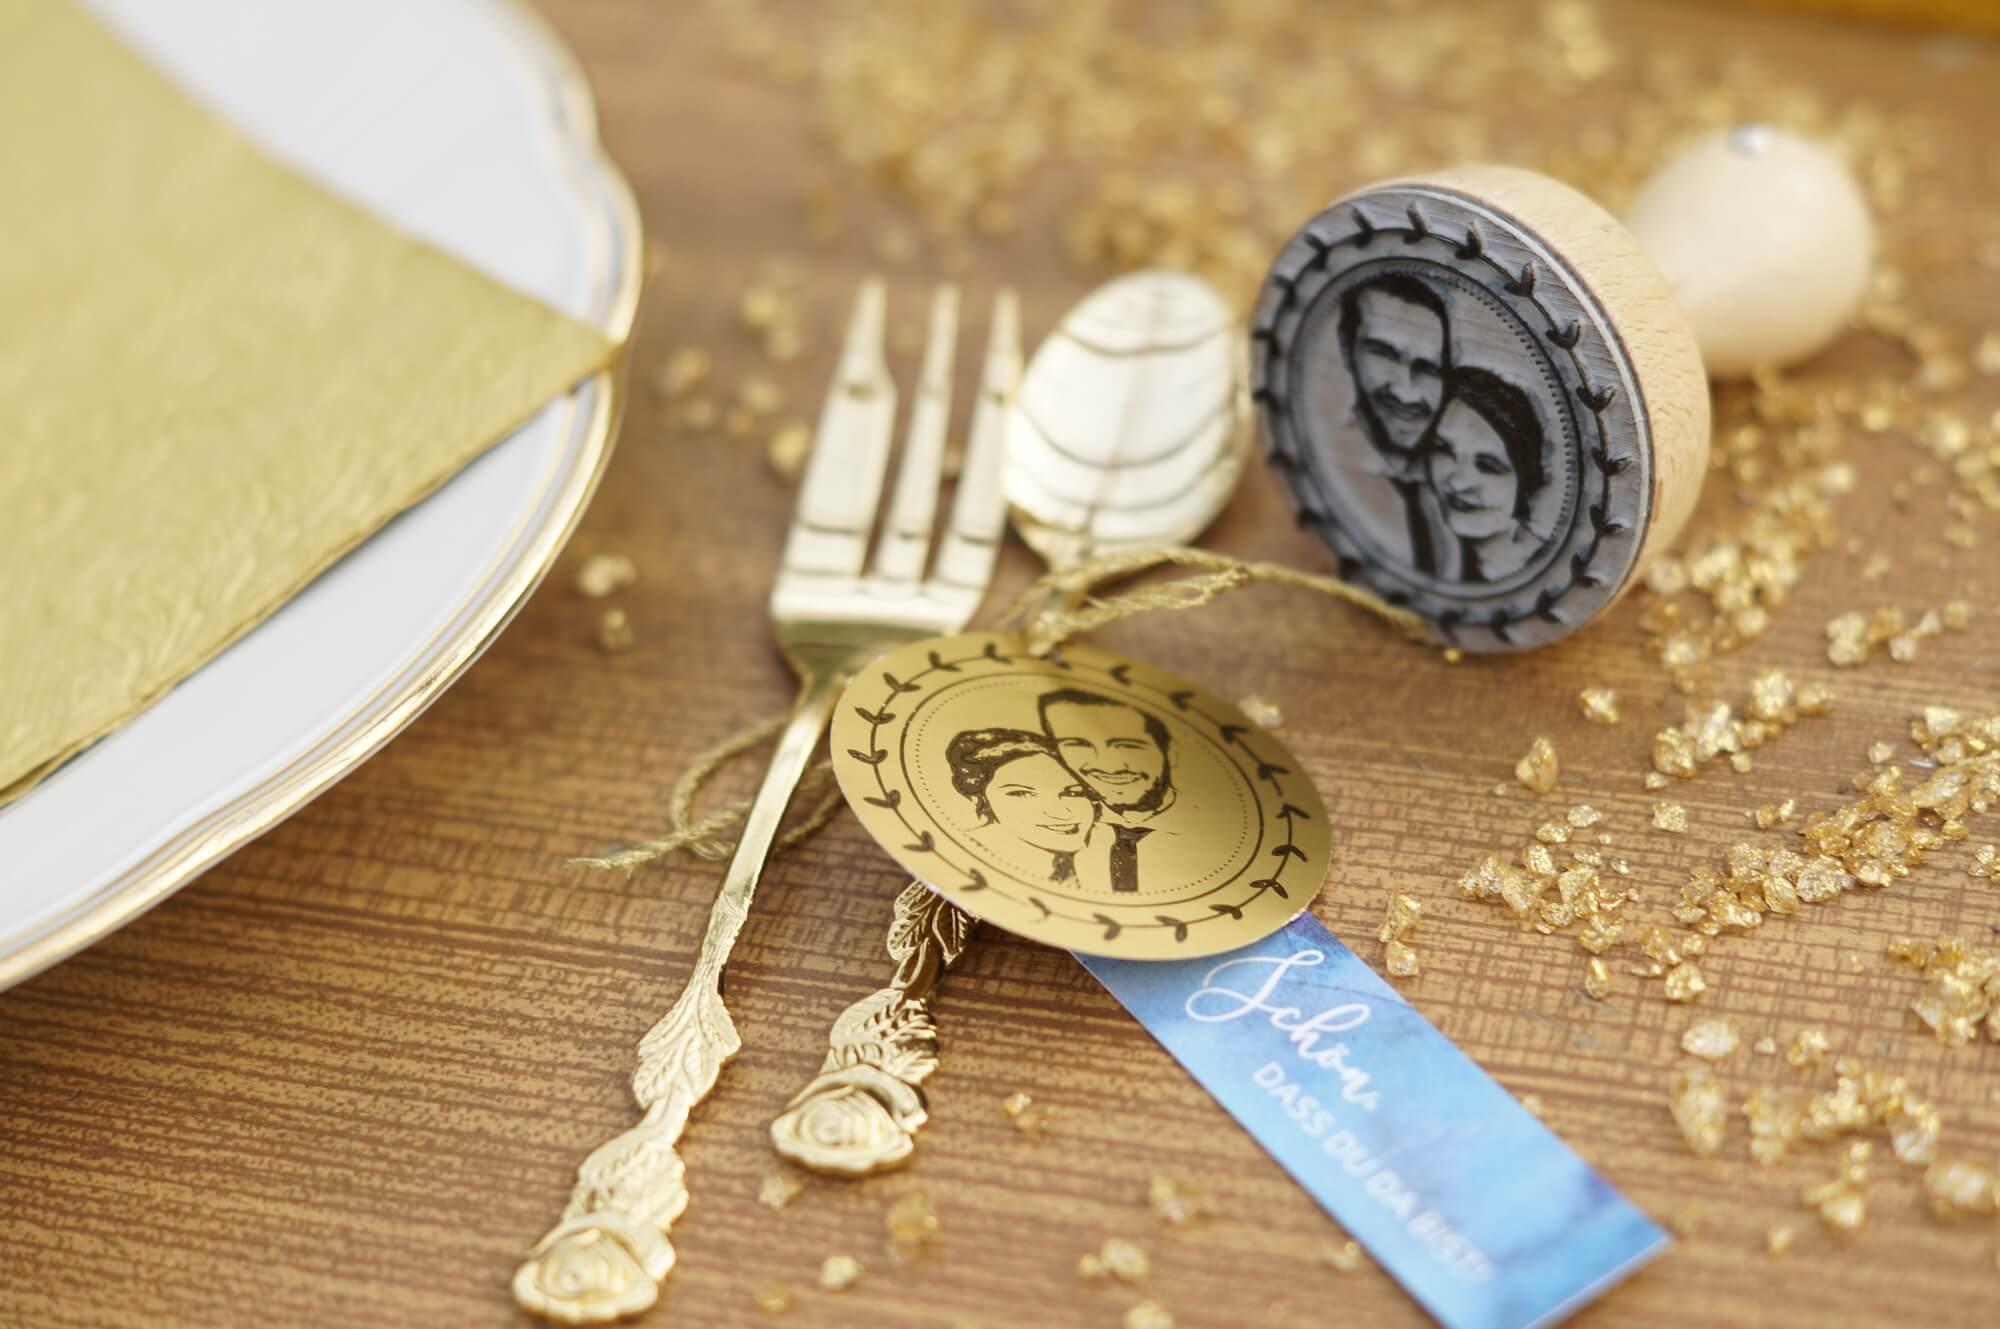 04-Fotostempel-Goldpapier-bestempeln-gold-Stempel-Hochzeitsstempel-Fotogruesse-Anh-nger